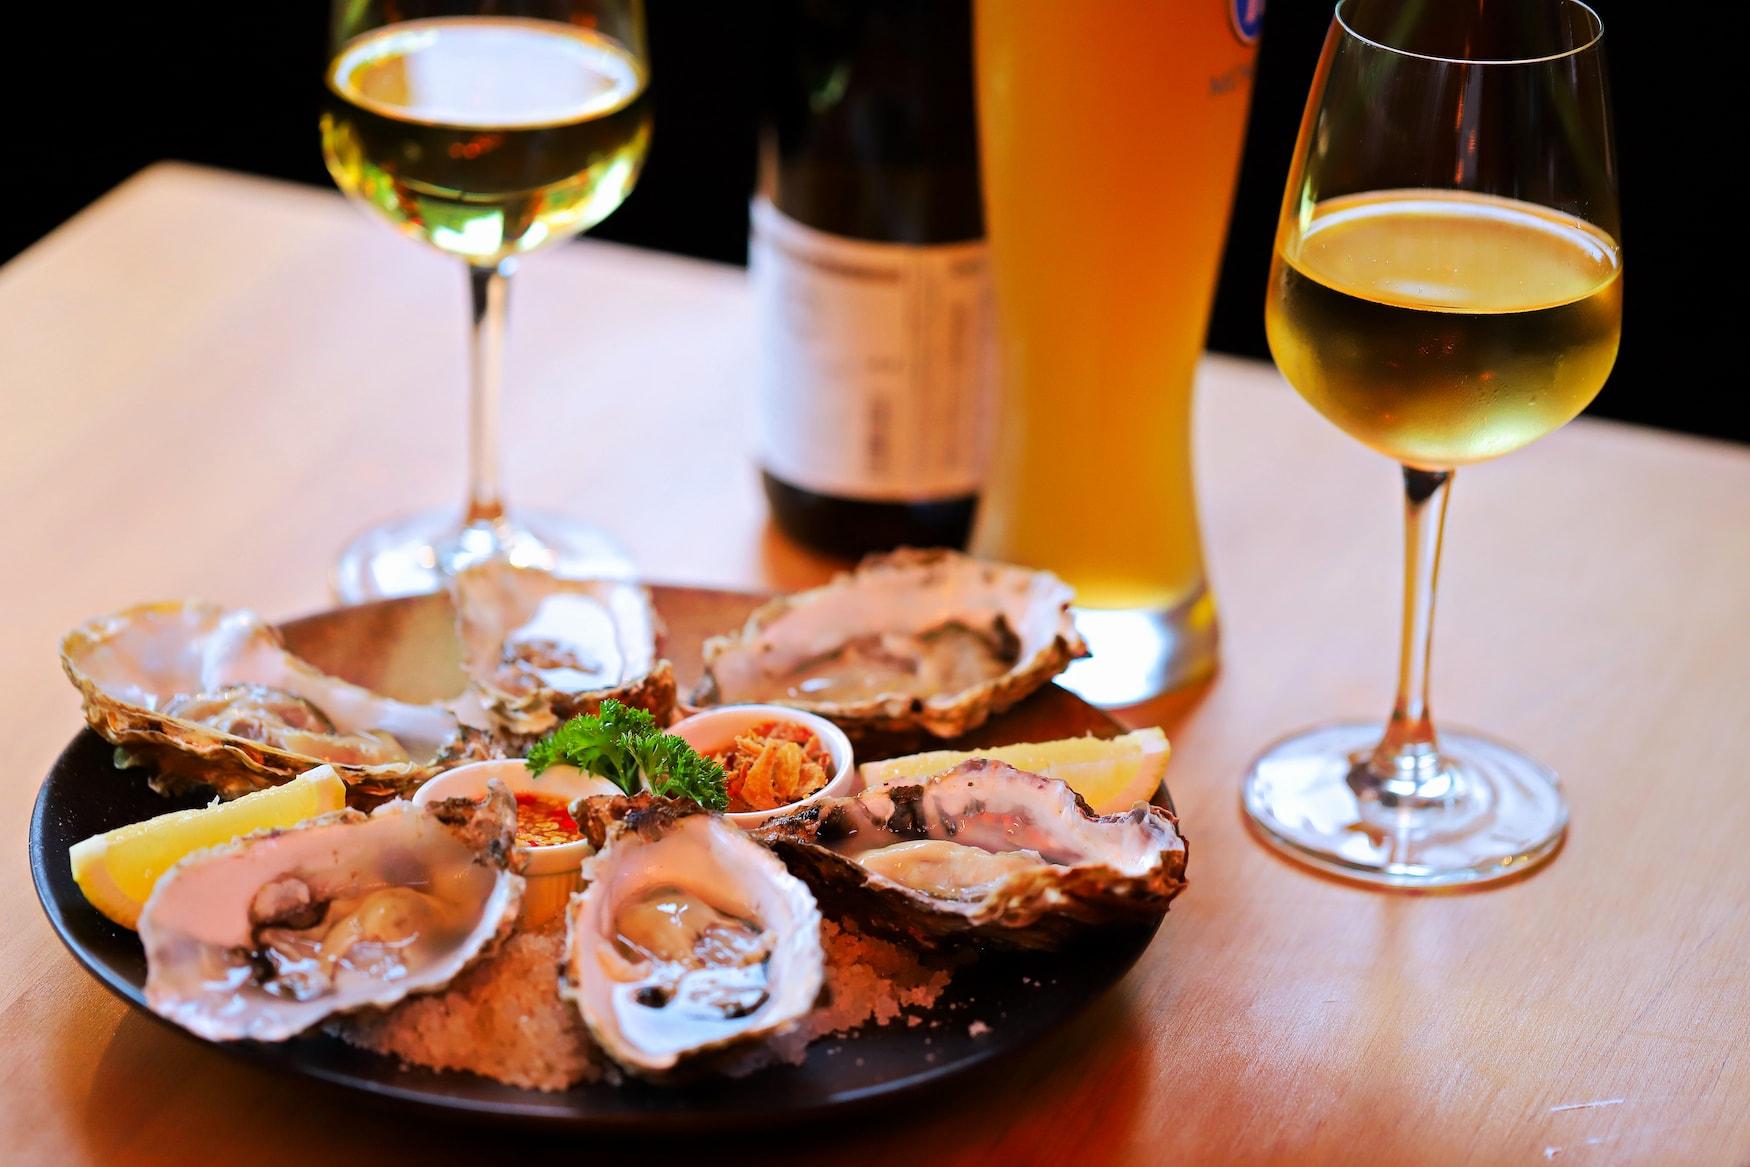 Dinner angerichtet mit Wein und Austern